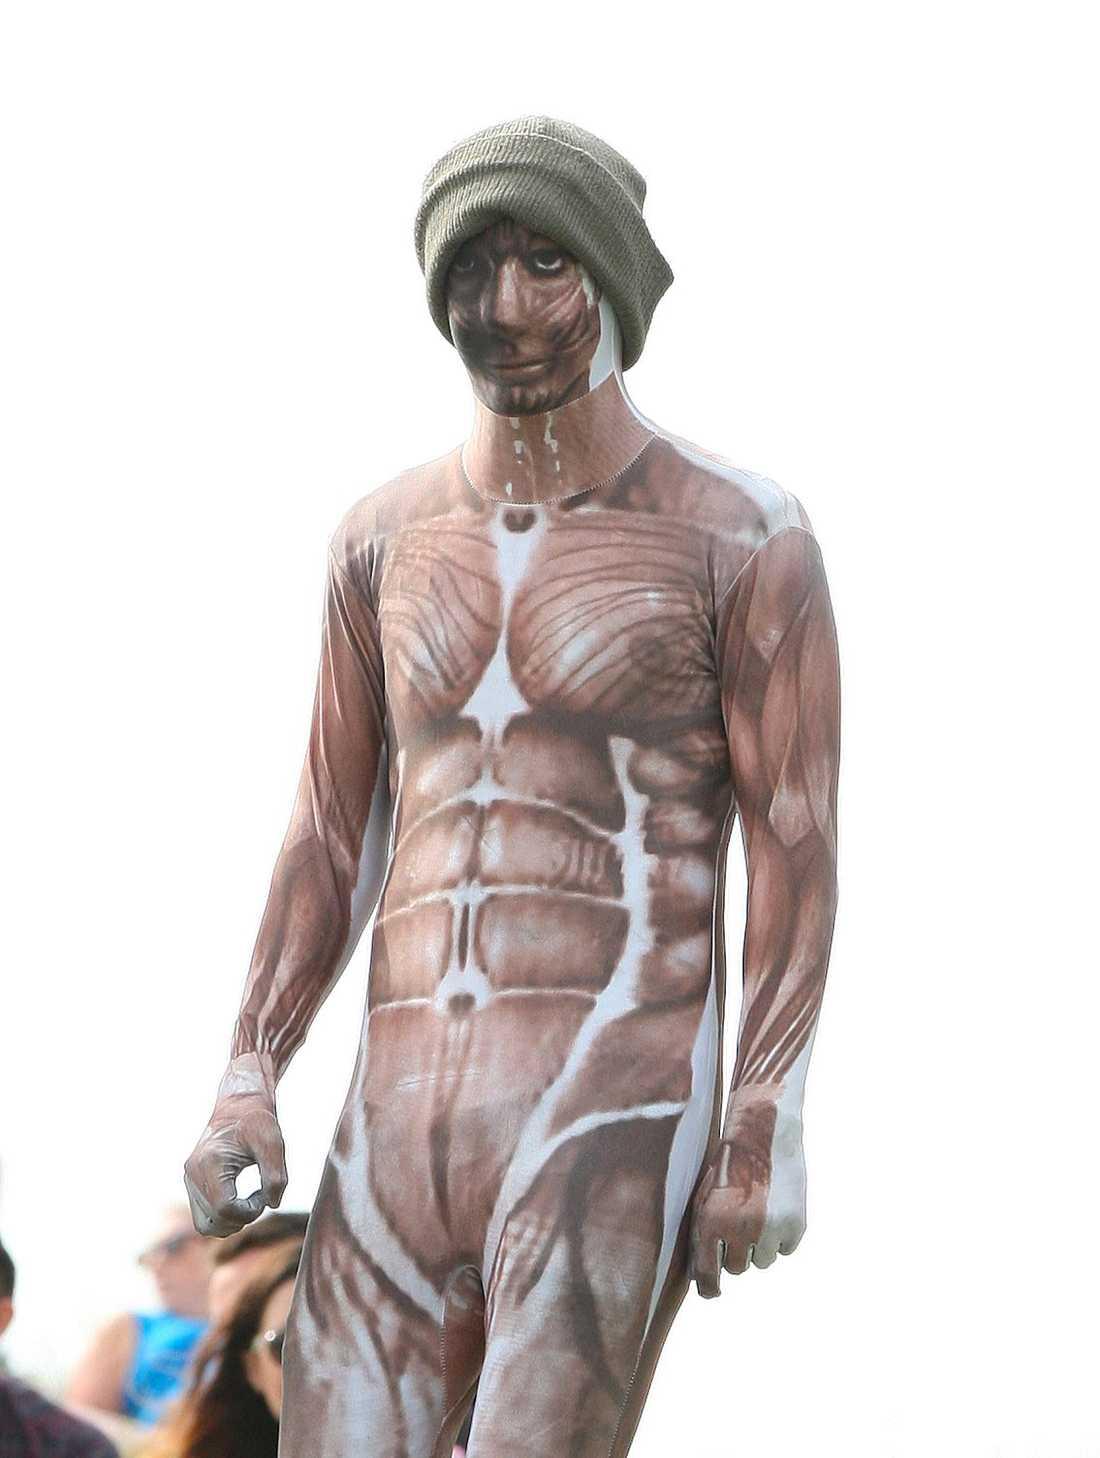 Harry i konstig kostym  Fördelen med att vara popstjärna är valfriheten att sätta på sig de mest märkliga persedlarna.